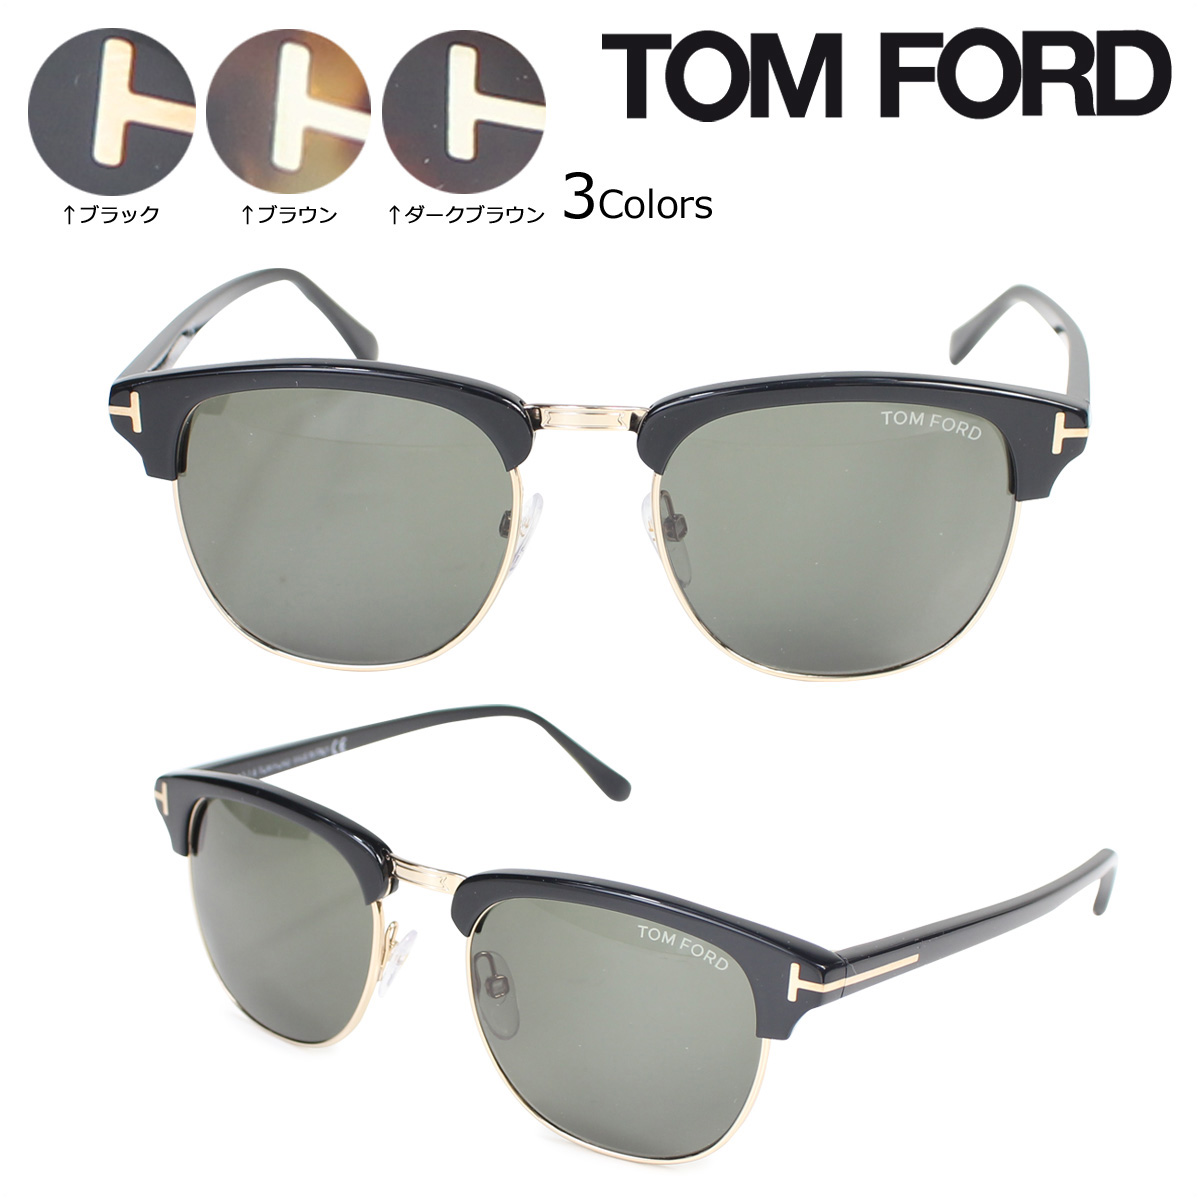 トムフォード TOM FORD サングラス メガネ メンズ レディース アイウェア FT0248 HENRY SUNGLASSES 3カラー